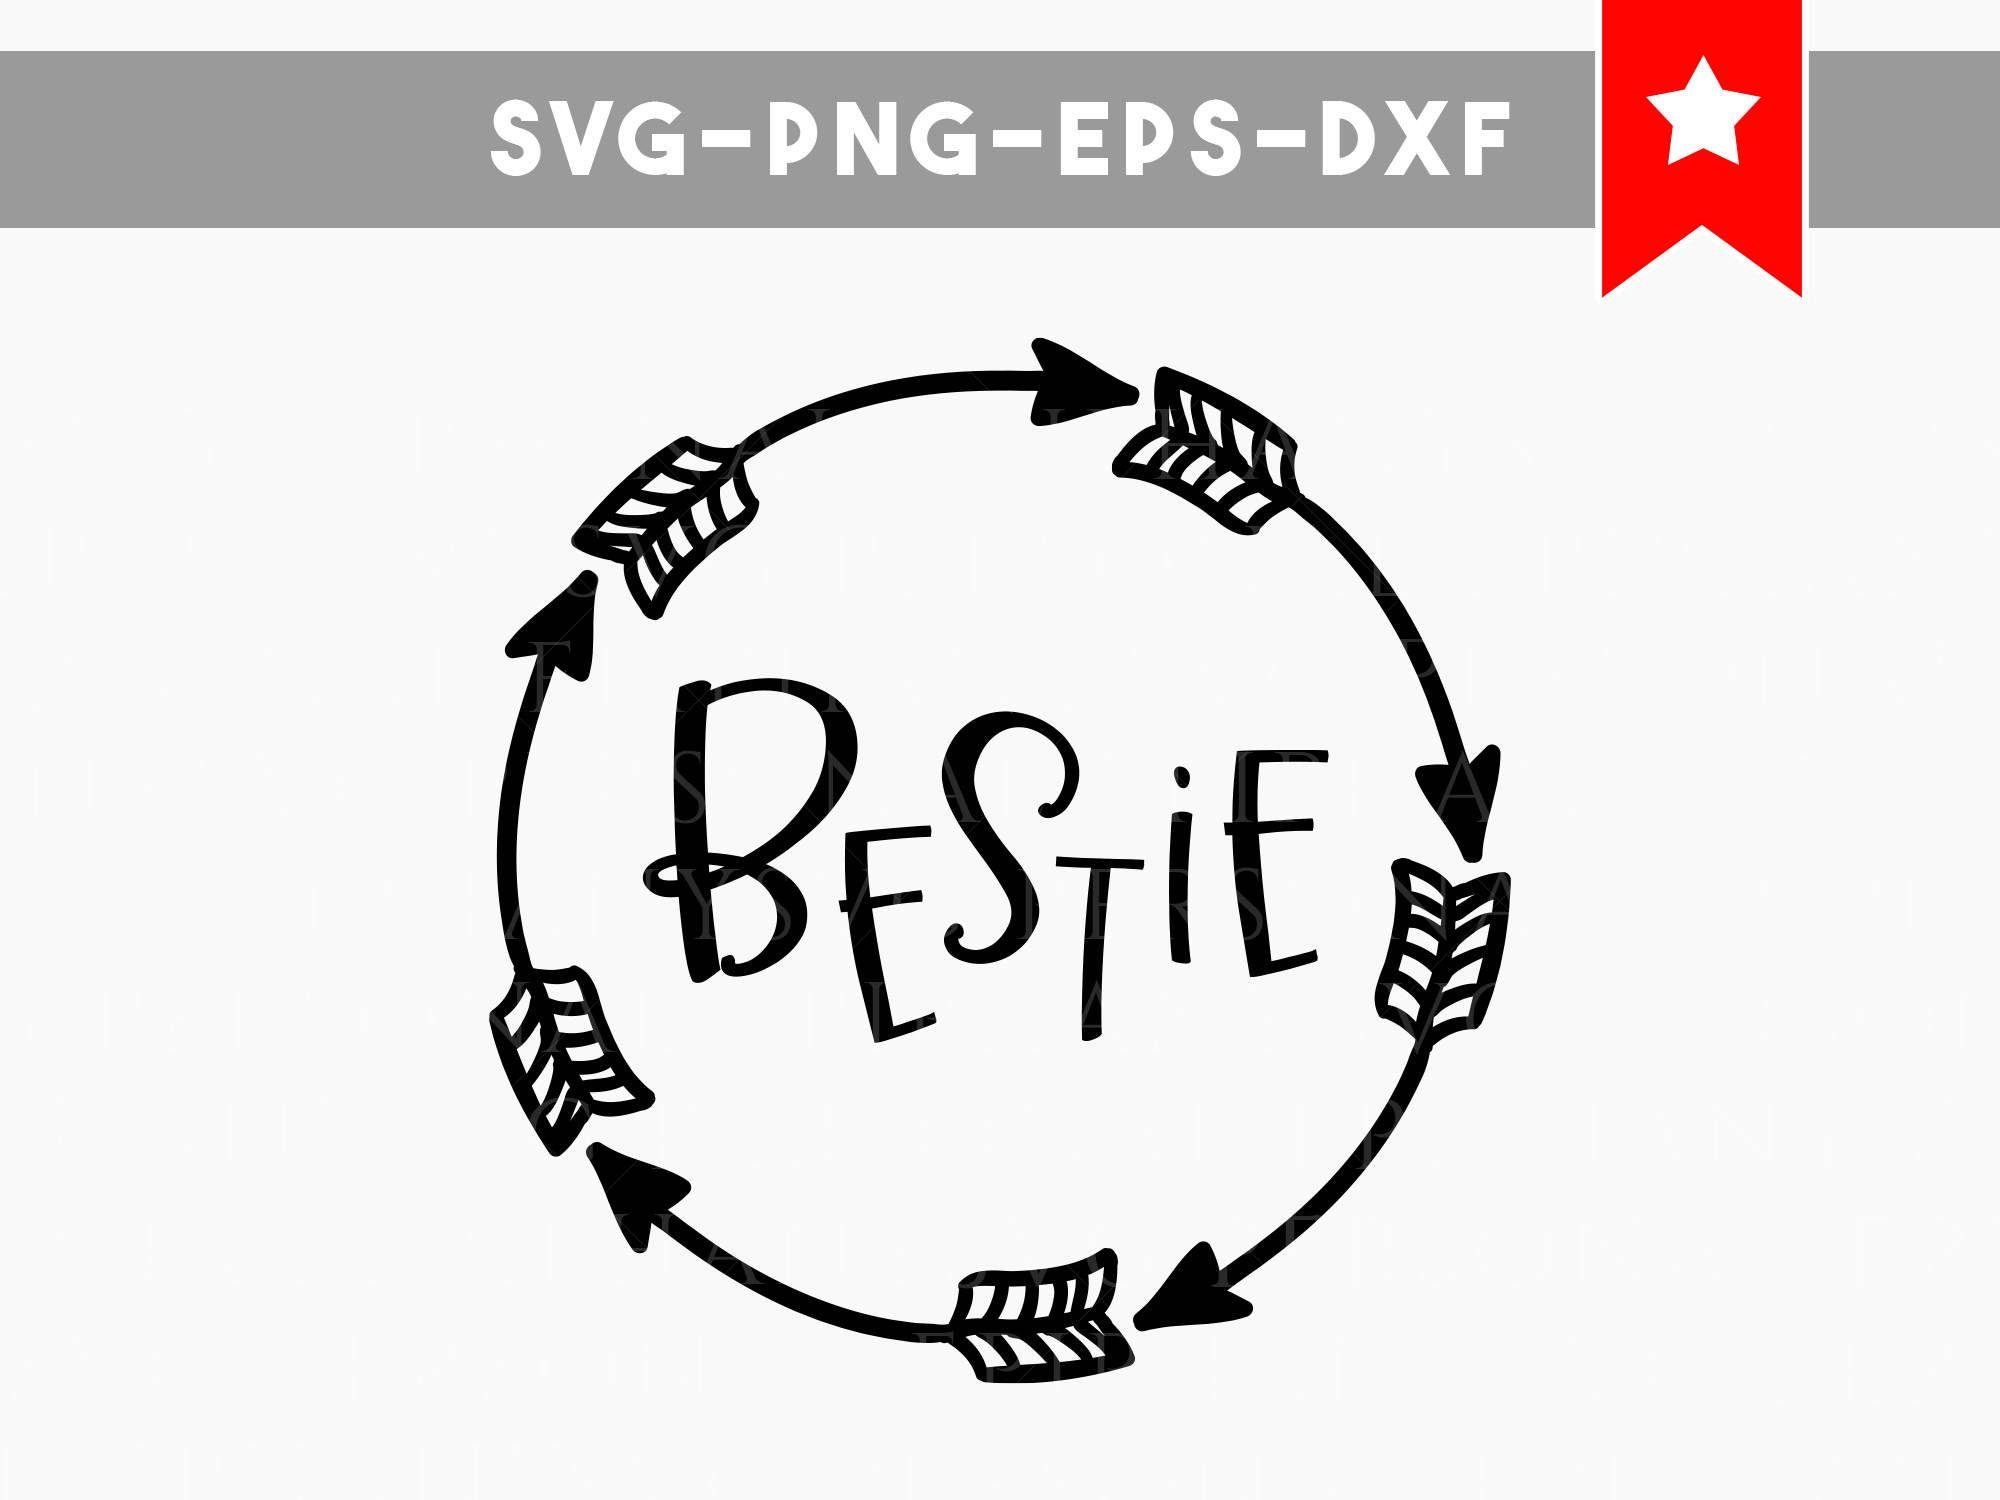 Besties Svg Cricut Designs Bestie Shirt Svg Besties Cut